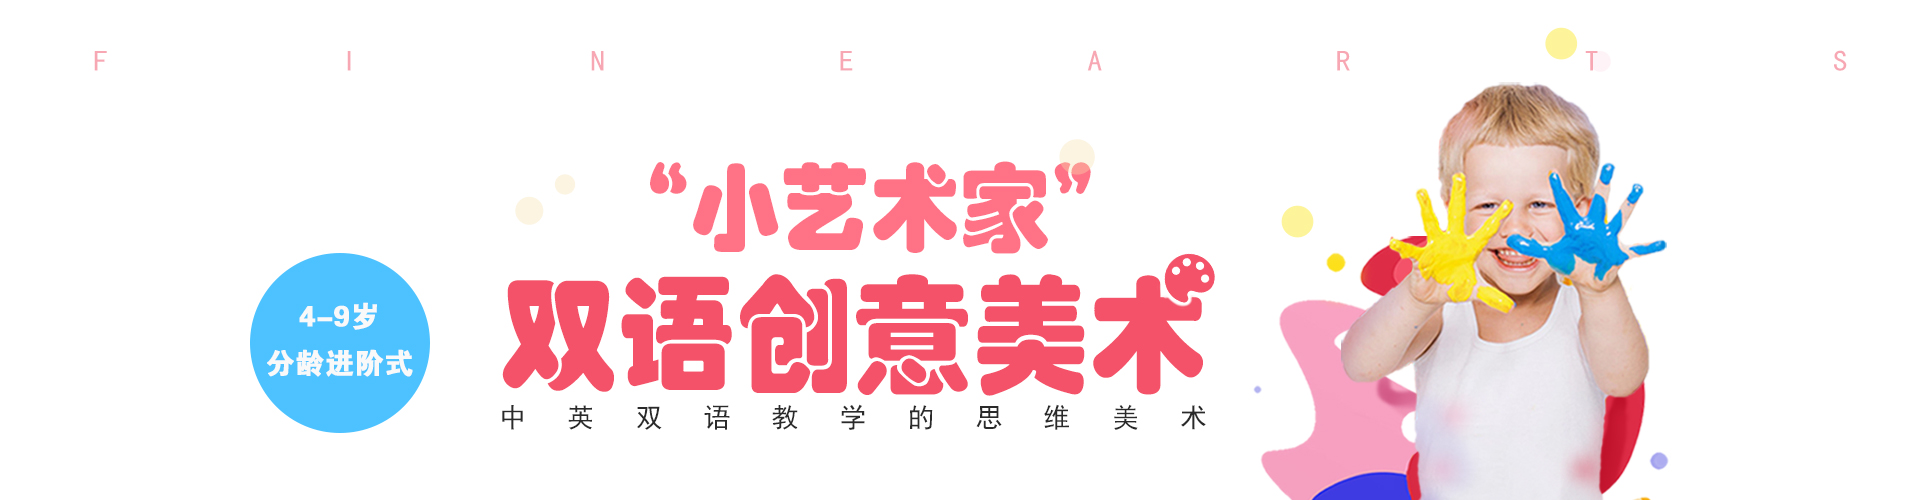 """青少年商学院""""双语创意美术直播课""""适合4—9岁孩子学习的中英双语思维美术课!快来报名吧!"""